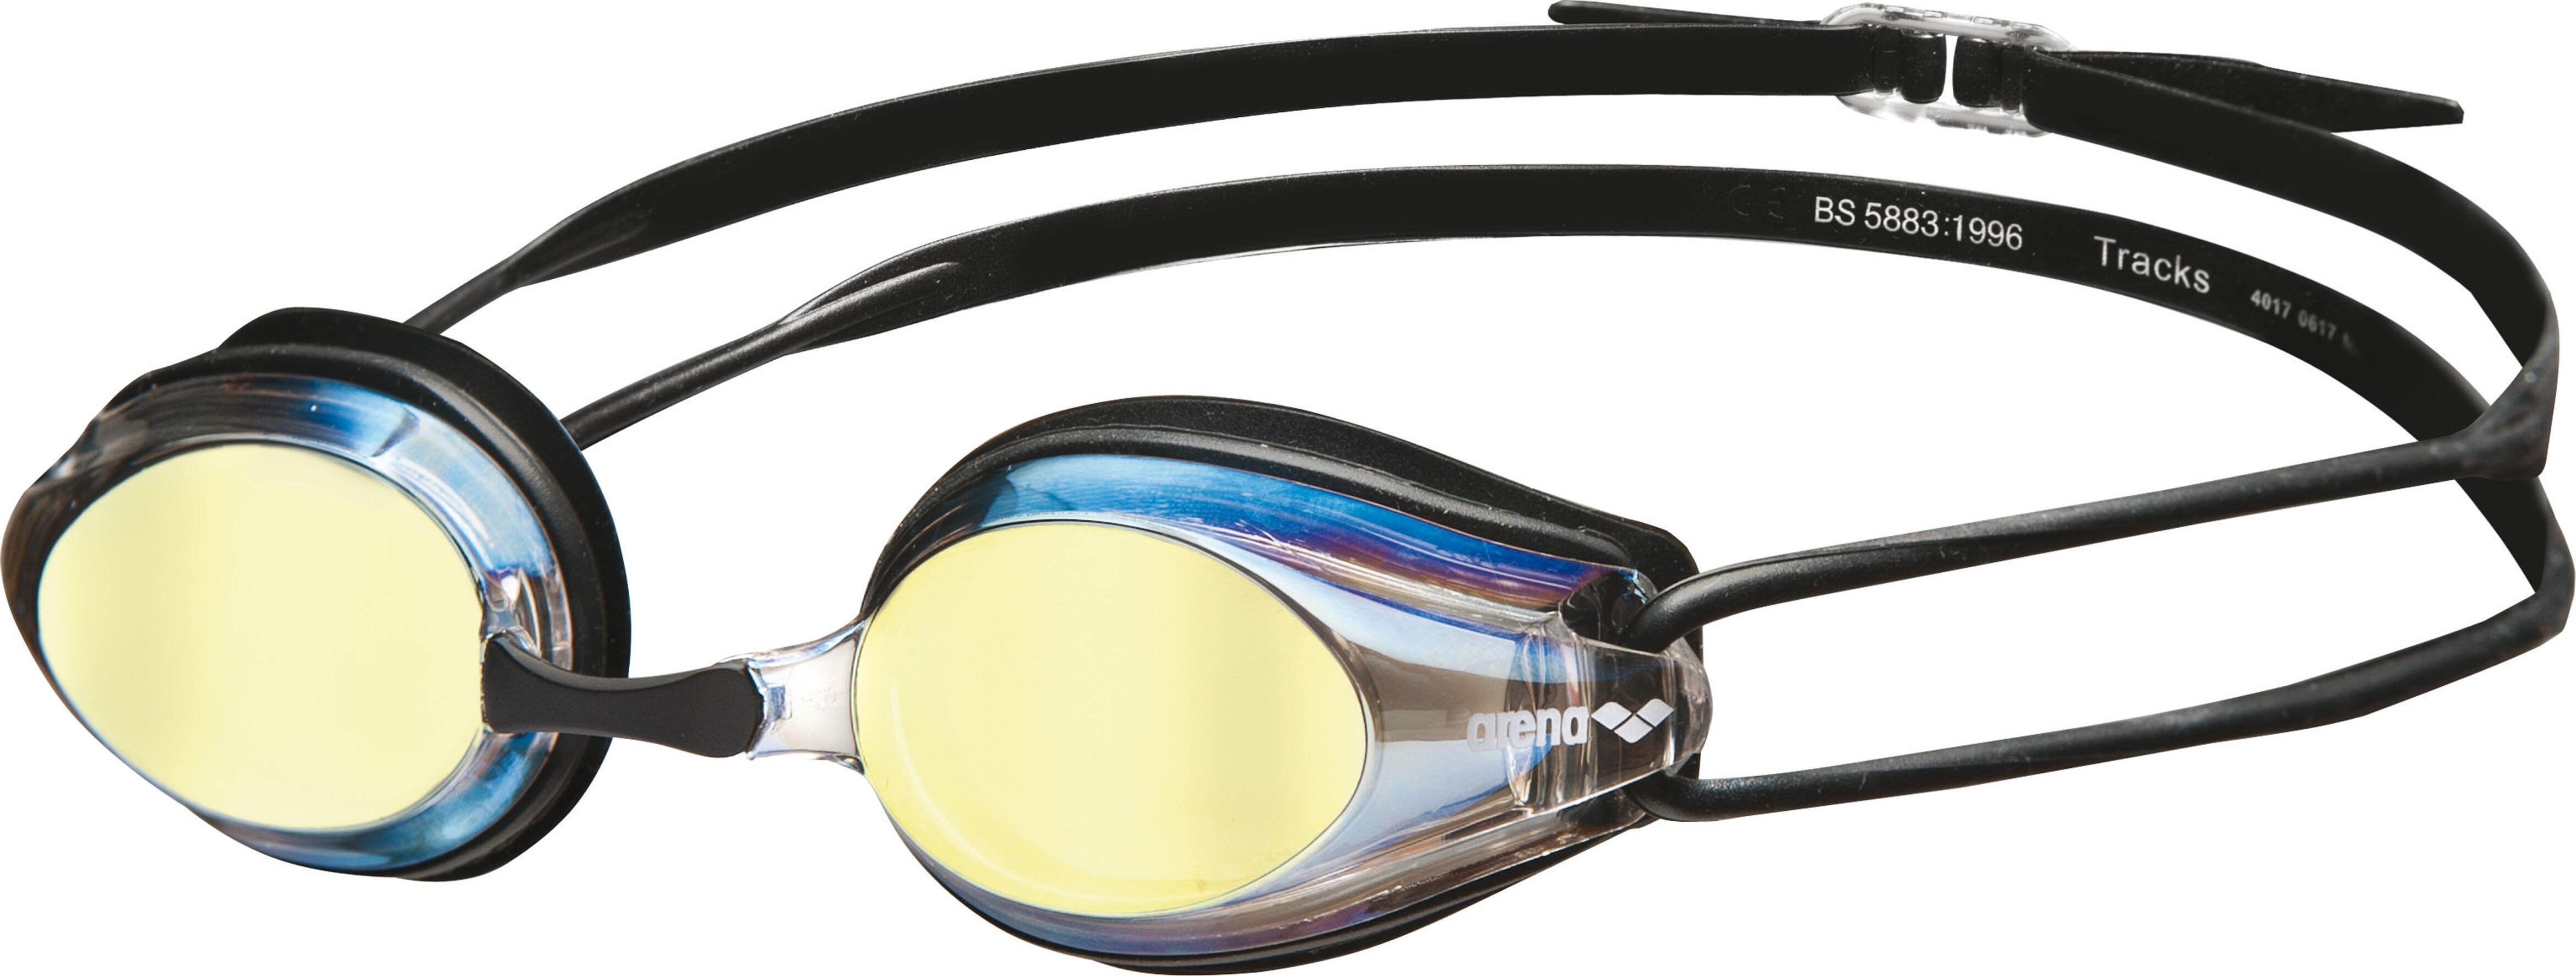 arena Tracks Mirror - Gafas de natación - beige negro  76bf0cb140d